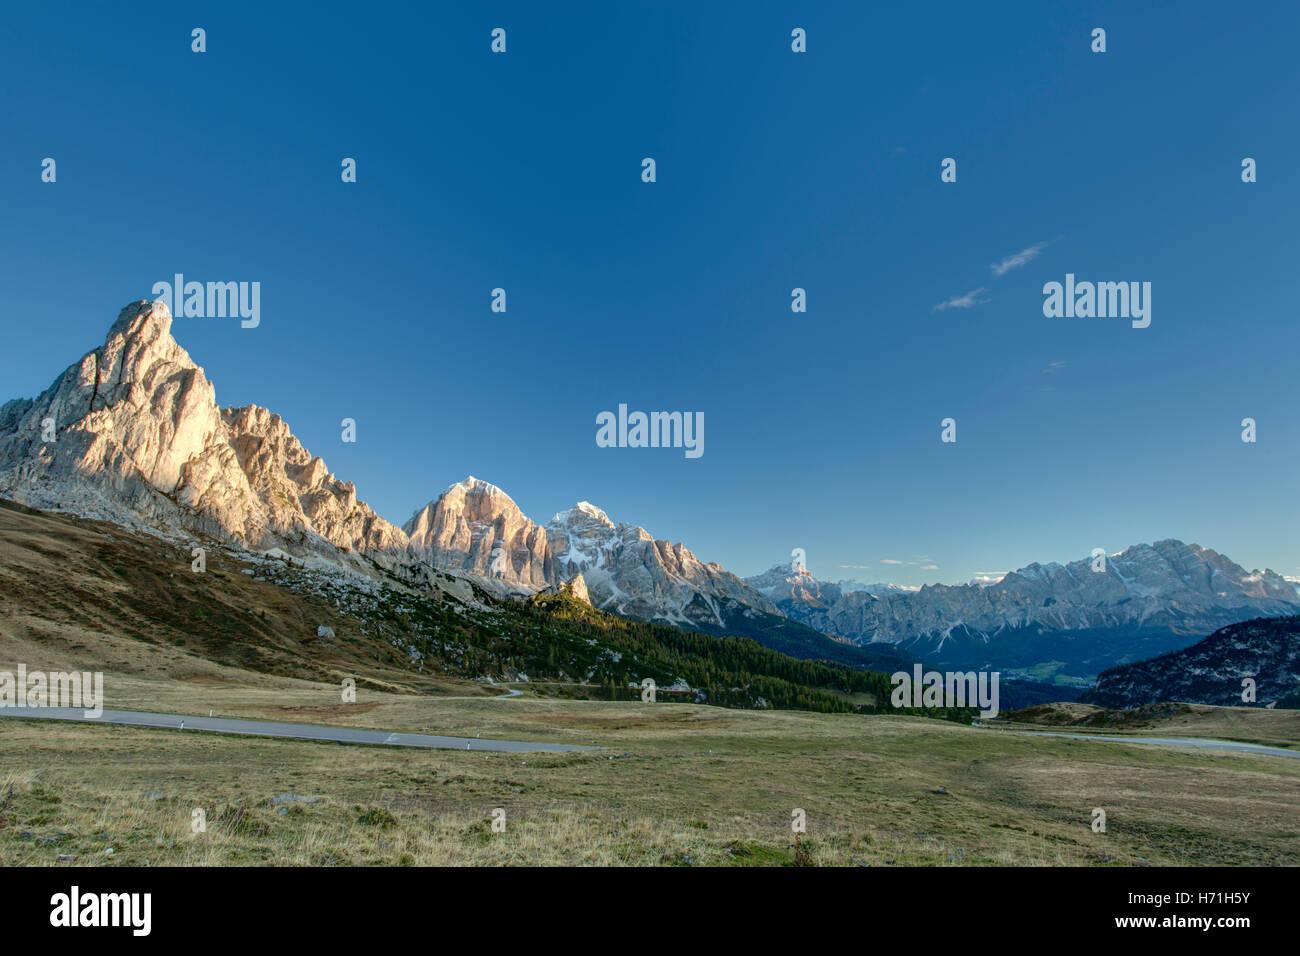 Italian Dolomites Near Cortina d'Ampezzo  Italiano Dolomiti Vicino Cortina d'Ampezzo - Stock Image